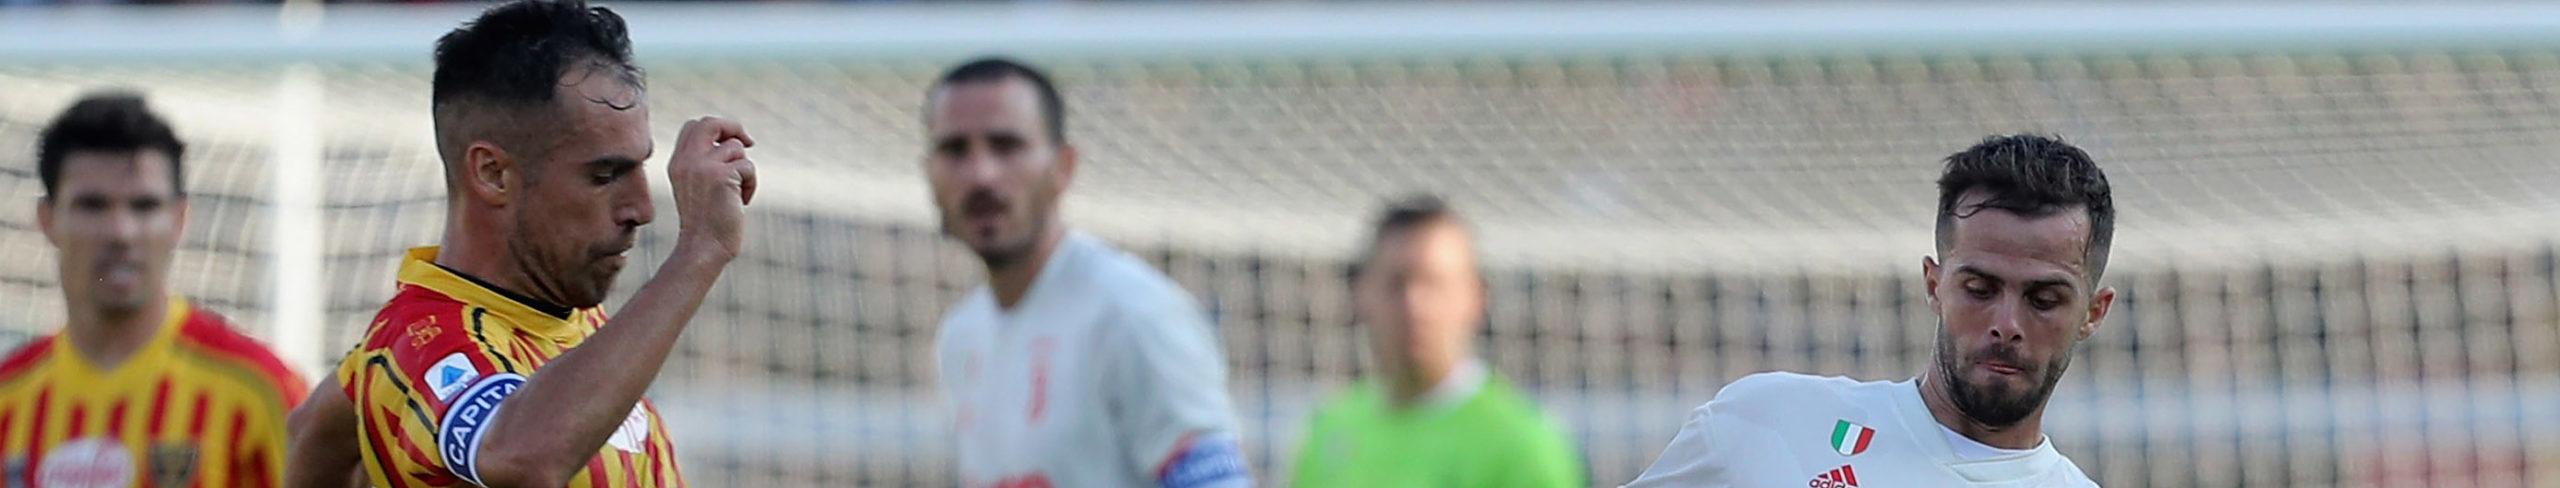 Juventus-Lecce: bianconeri a caccia del pokerissimo, giallorossi alla ricerca di se stessi